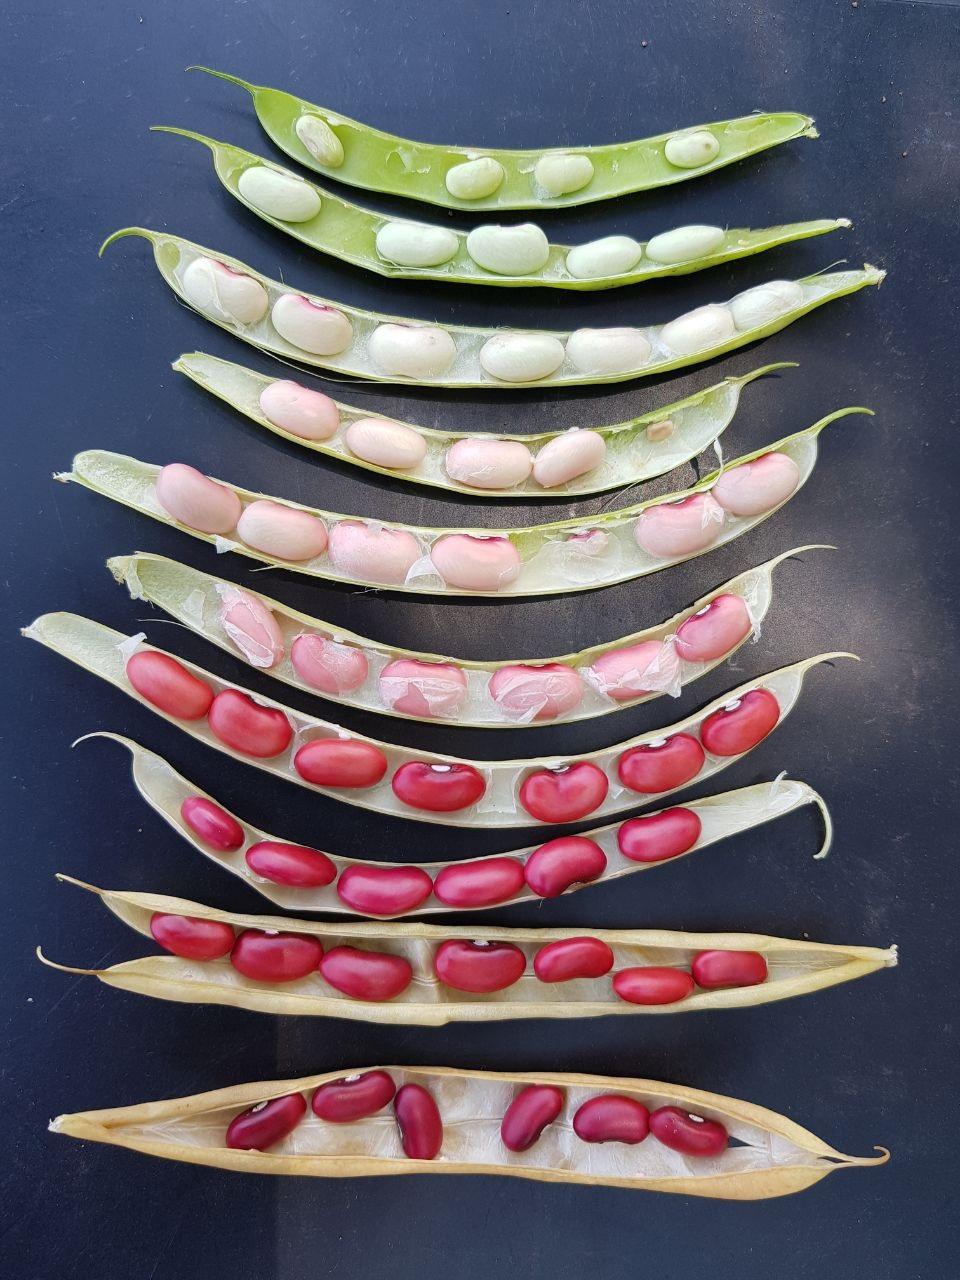 El fríjol biofortificado tiene tolerancia a la sequía.  FOTO CORTESÍA